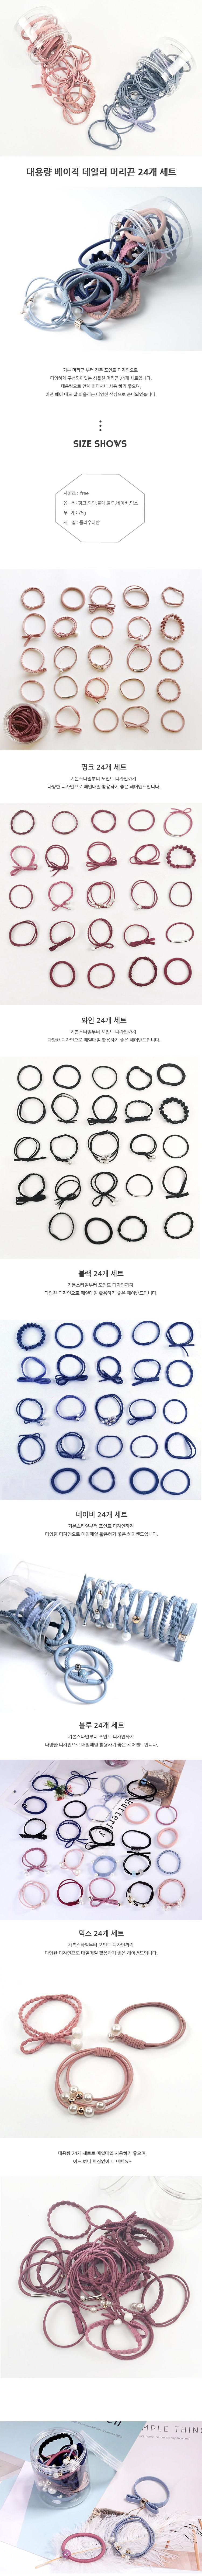 대용량 베이직 데일리 머리끈 24개 세트 - 제이엔터프라이스, 5,600원, 헤어핀/밴드/끈, 헤어핀/끈